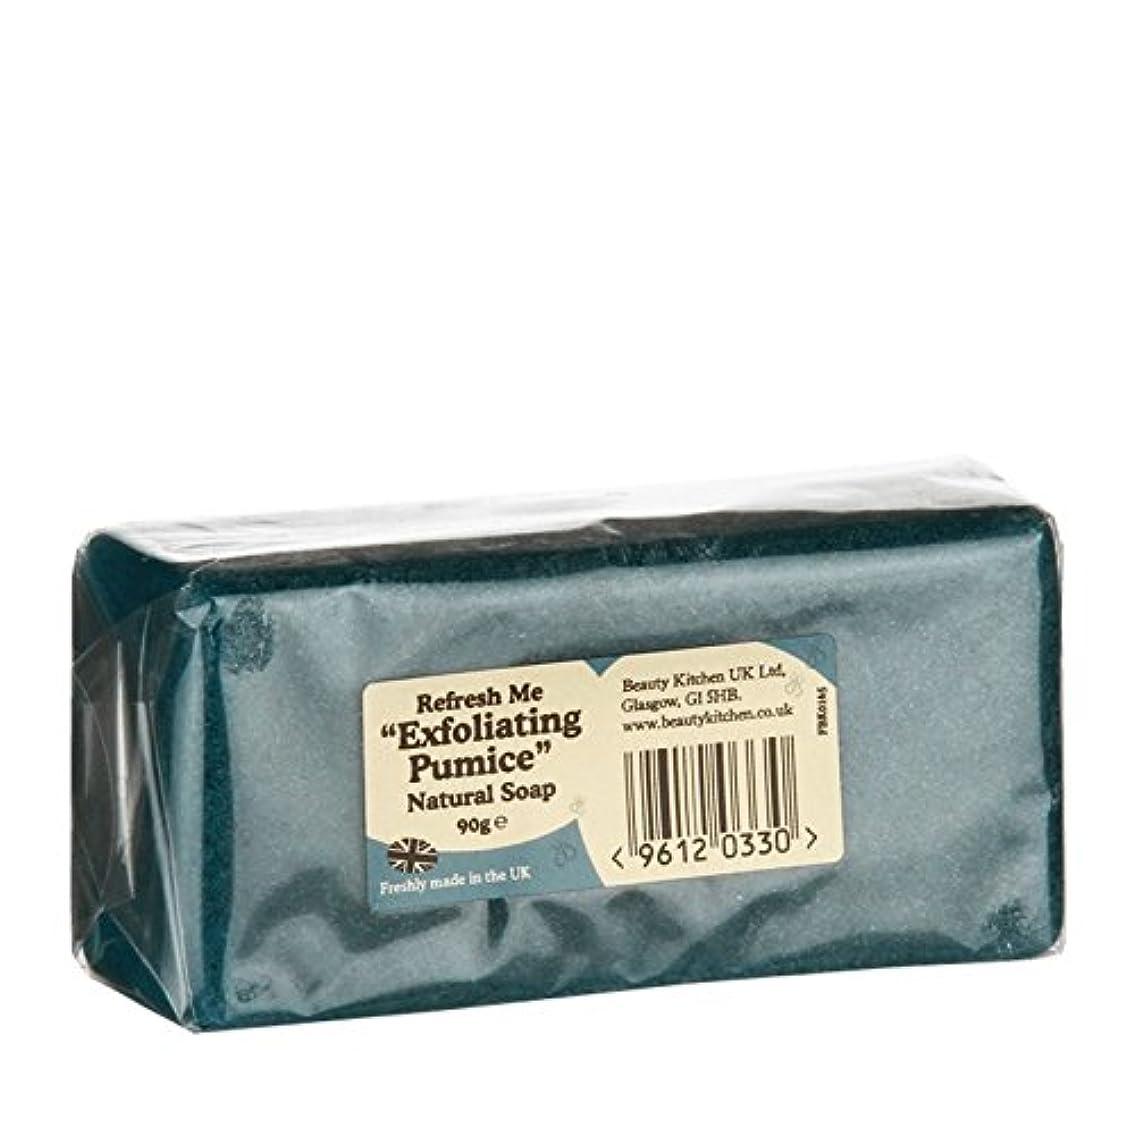 雑草ローン詩Beauty Kitchen Refresh Me Exfoliating Pumice Natural Soap 90g (Pack of 2) - 美しさのキッチンは、軽石の天然石鹸90グラムを剥離私をリフレッシュ...